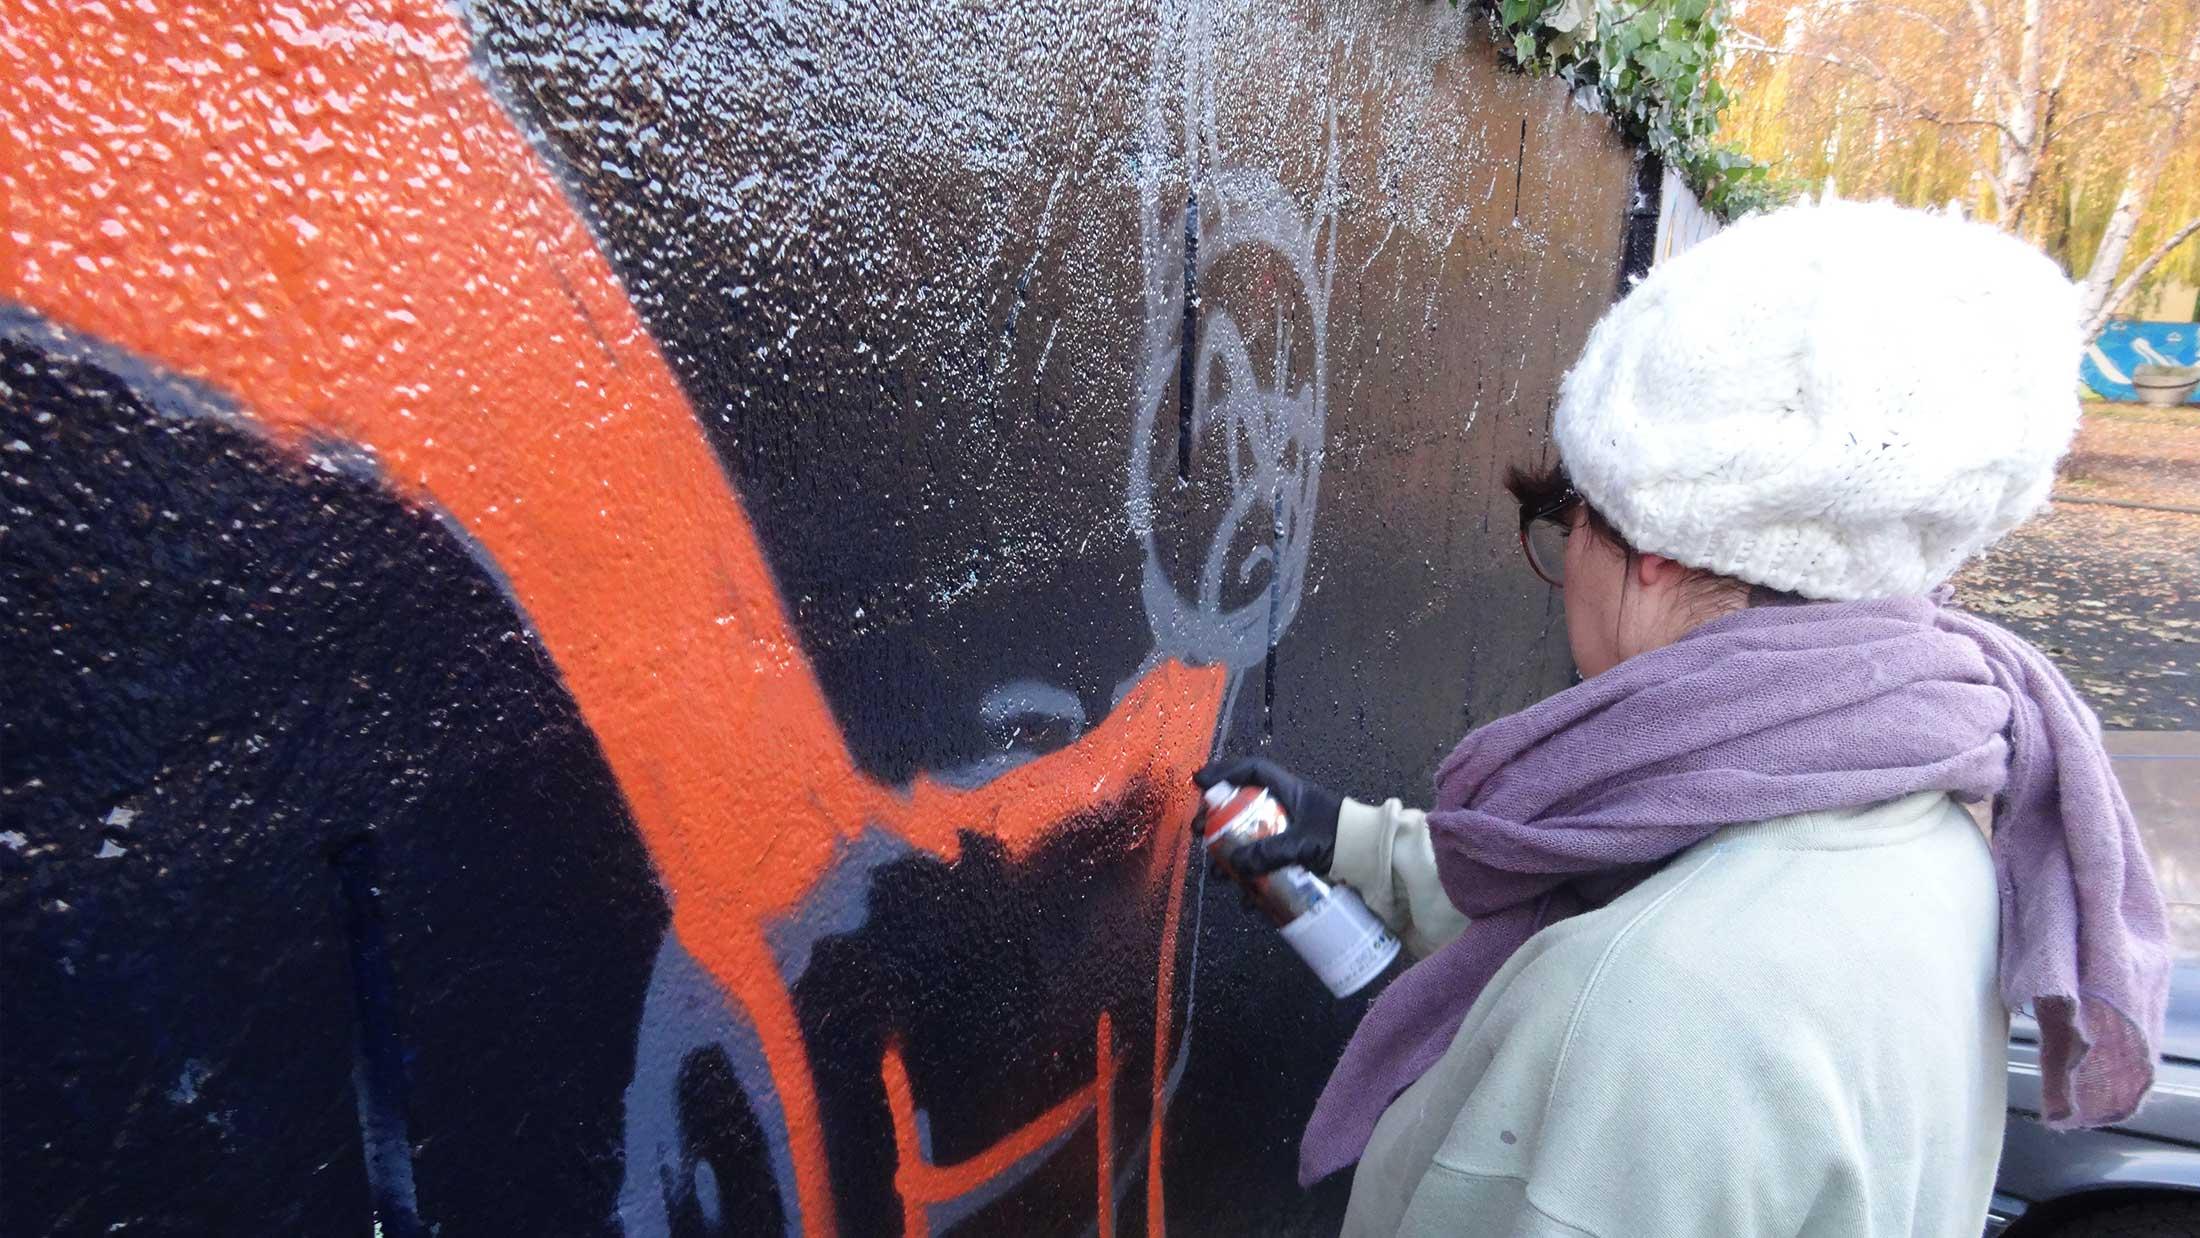 graffiti_Schroumph_deft_2013_karibou